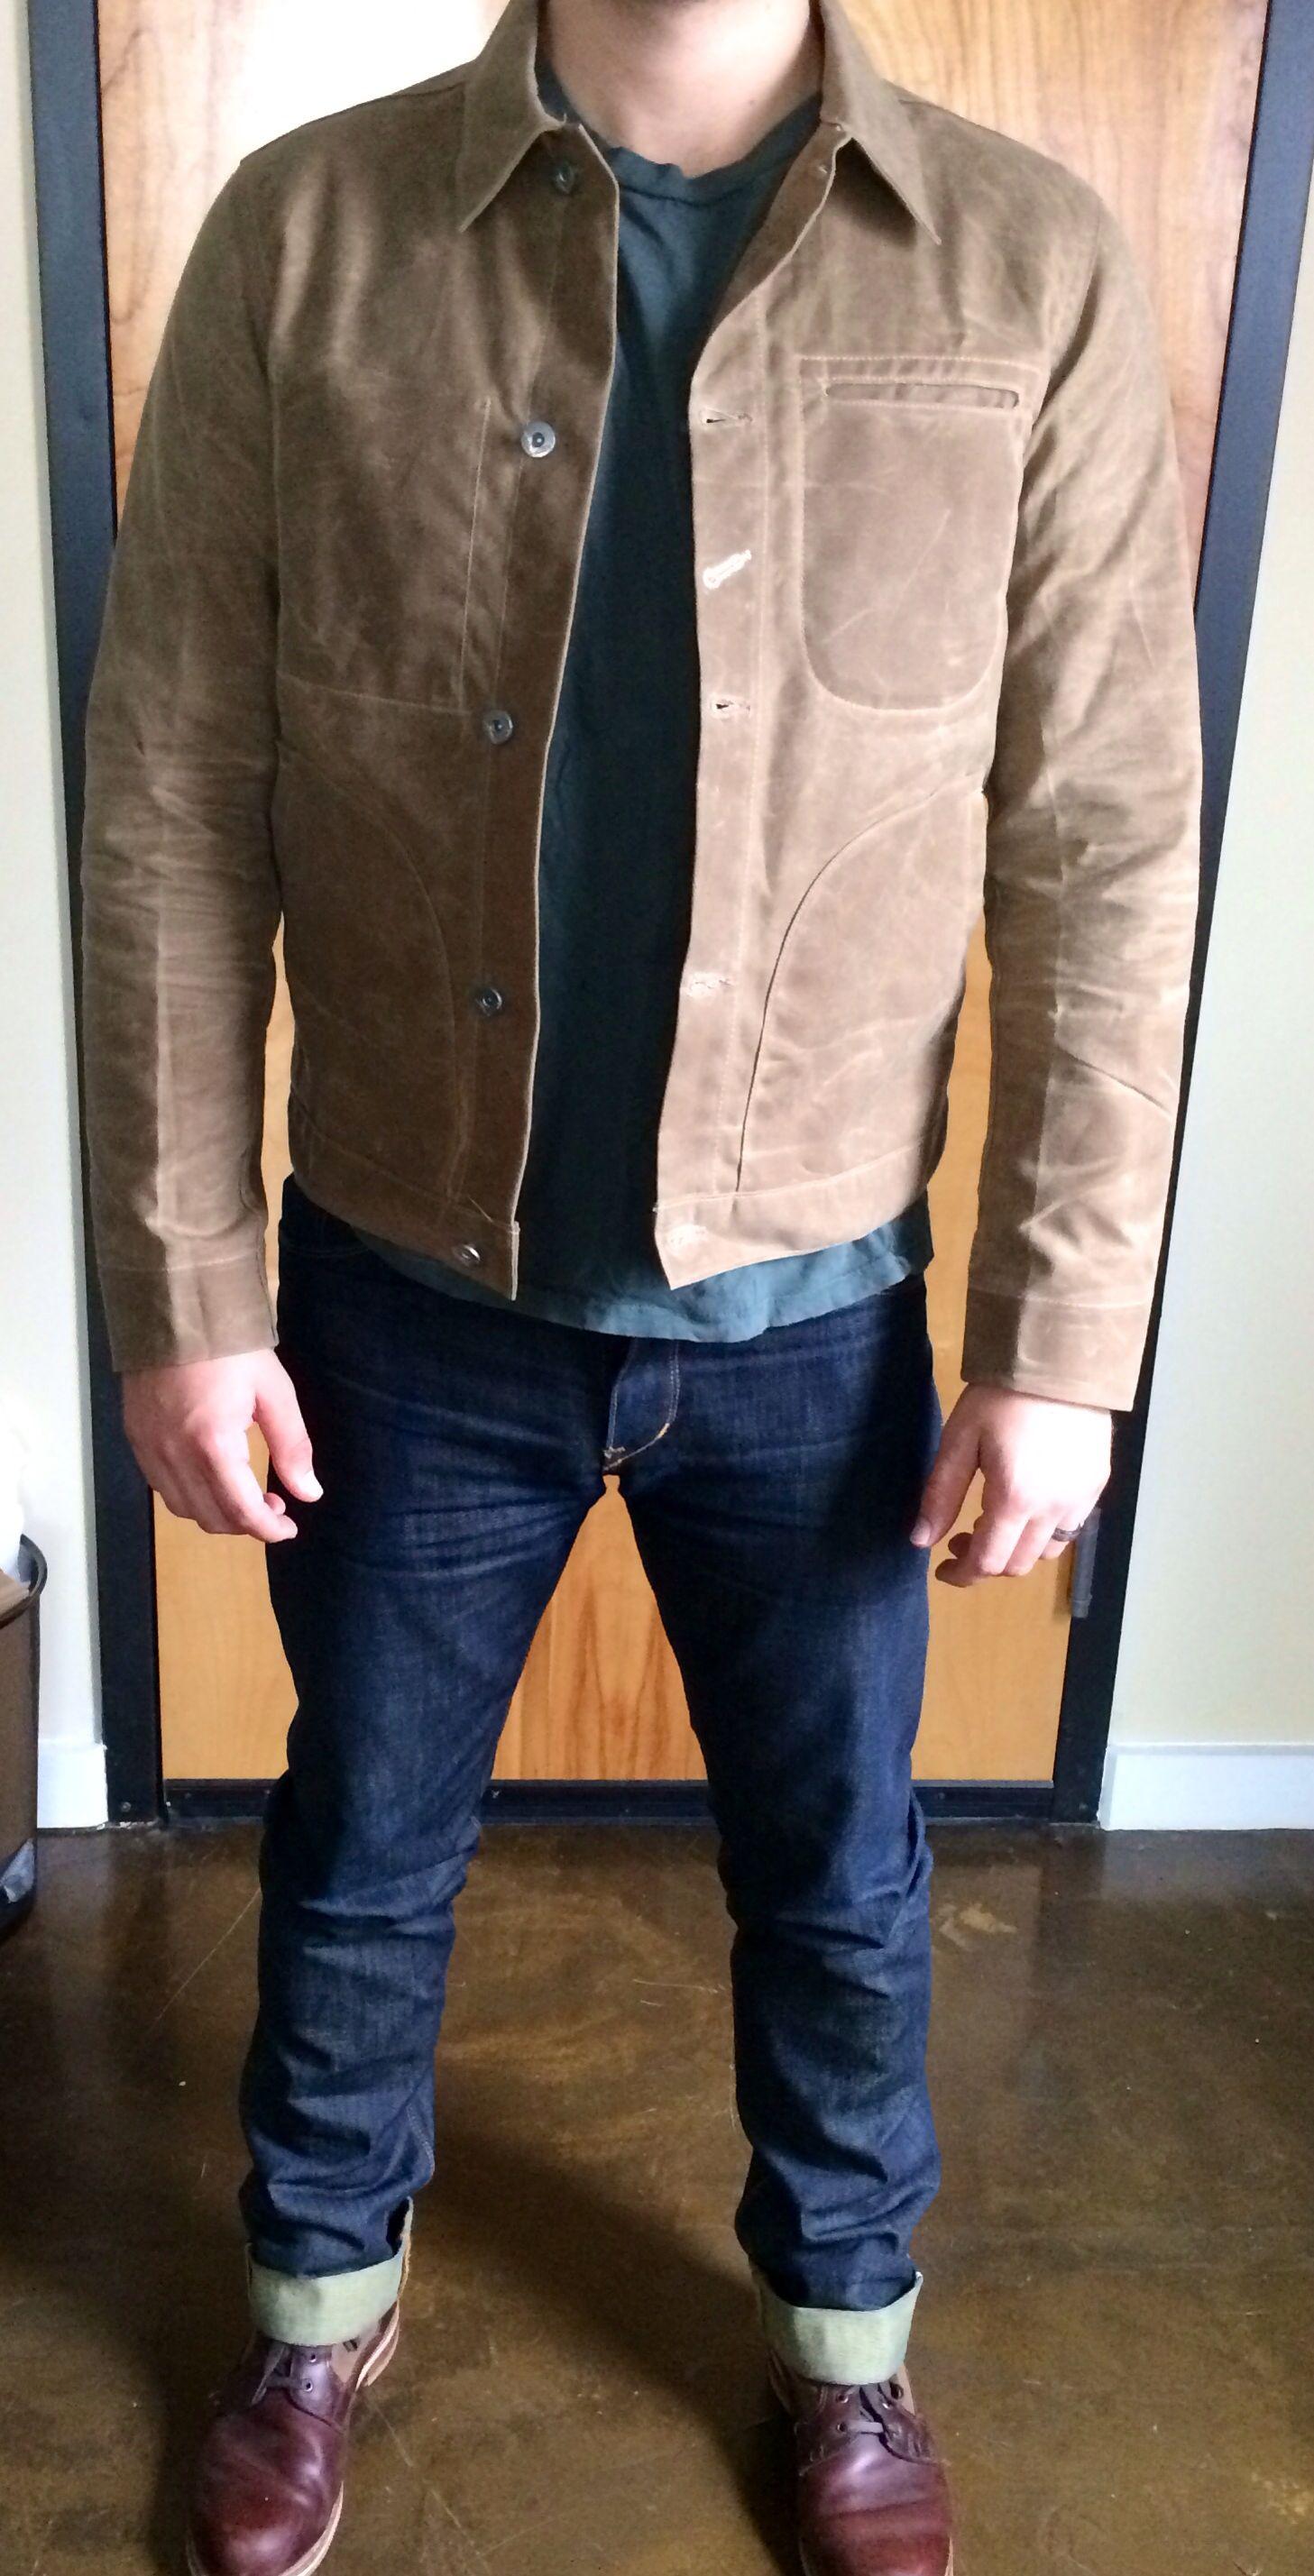 Waxed Trucker Jacket | Carhartt Trucker Jacket | Flannel Lined Coat